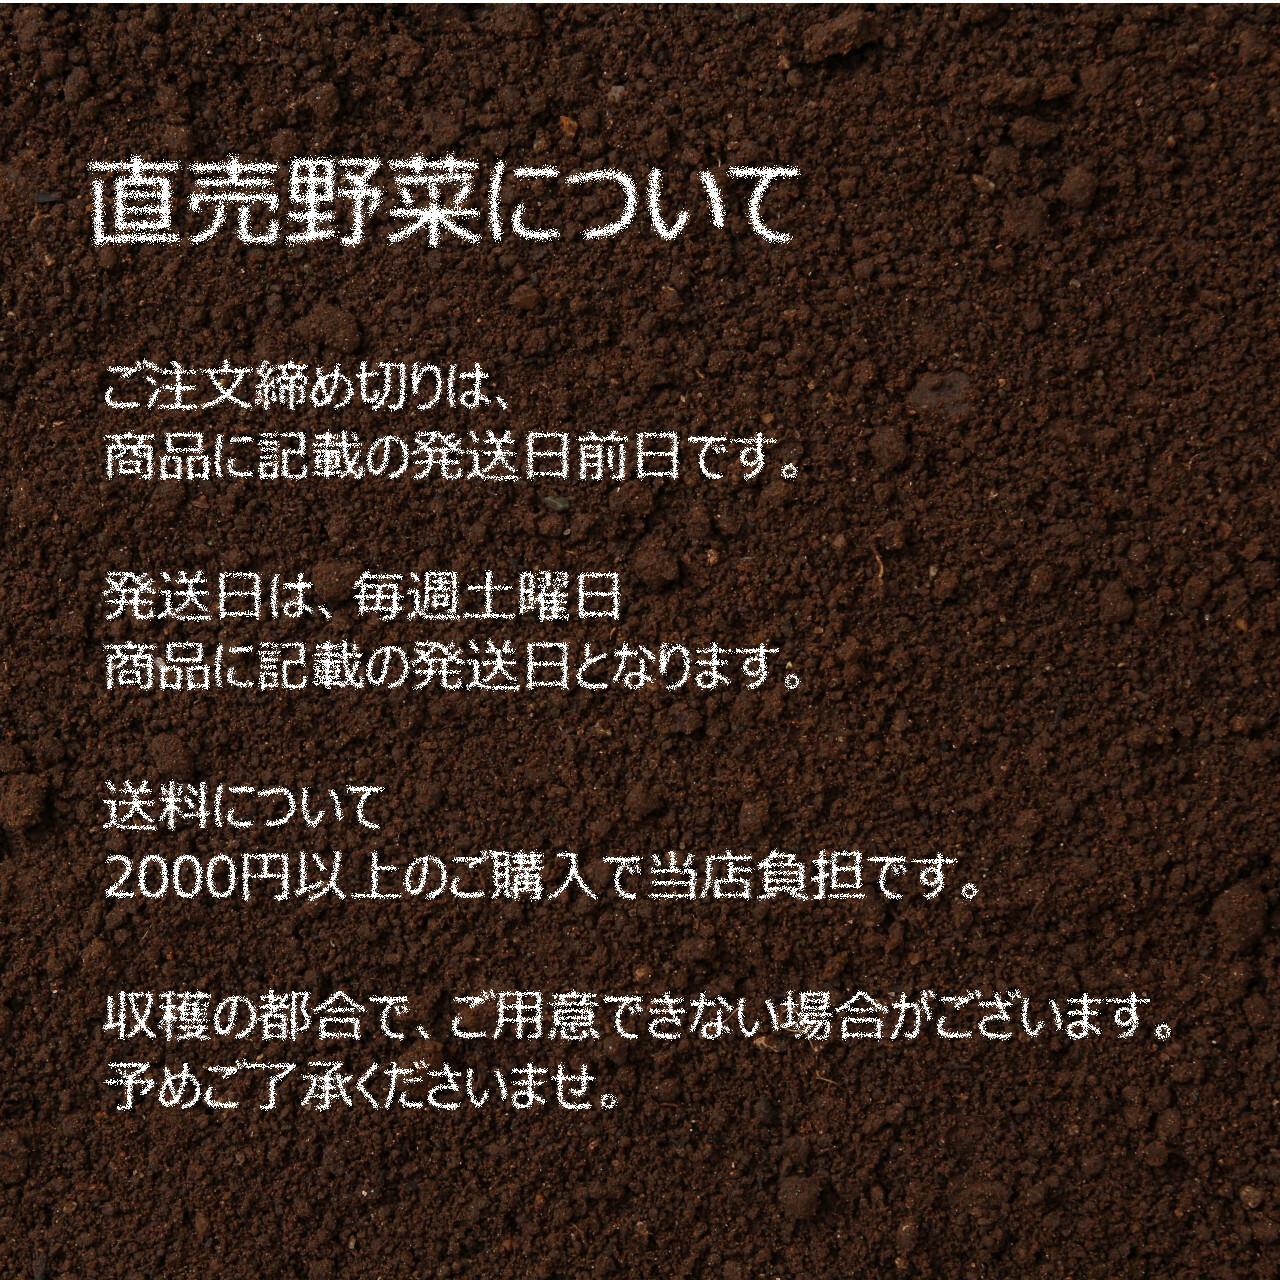 新鮮な夏野菜 : ししとう 約300g 8月の朝採り直売野菜 8月31日発送予定